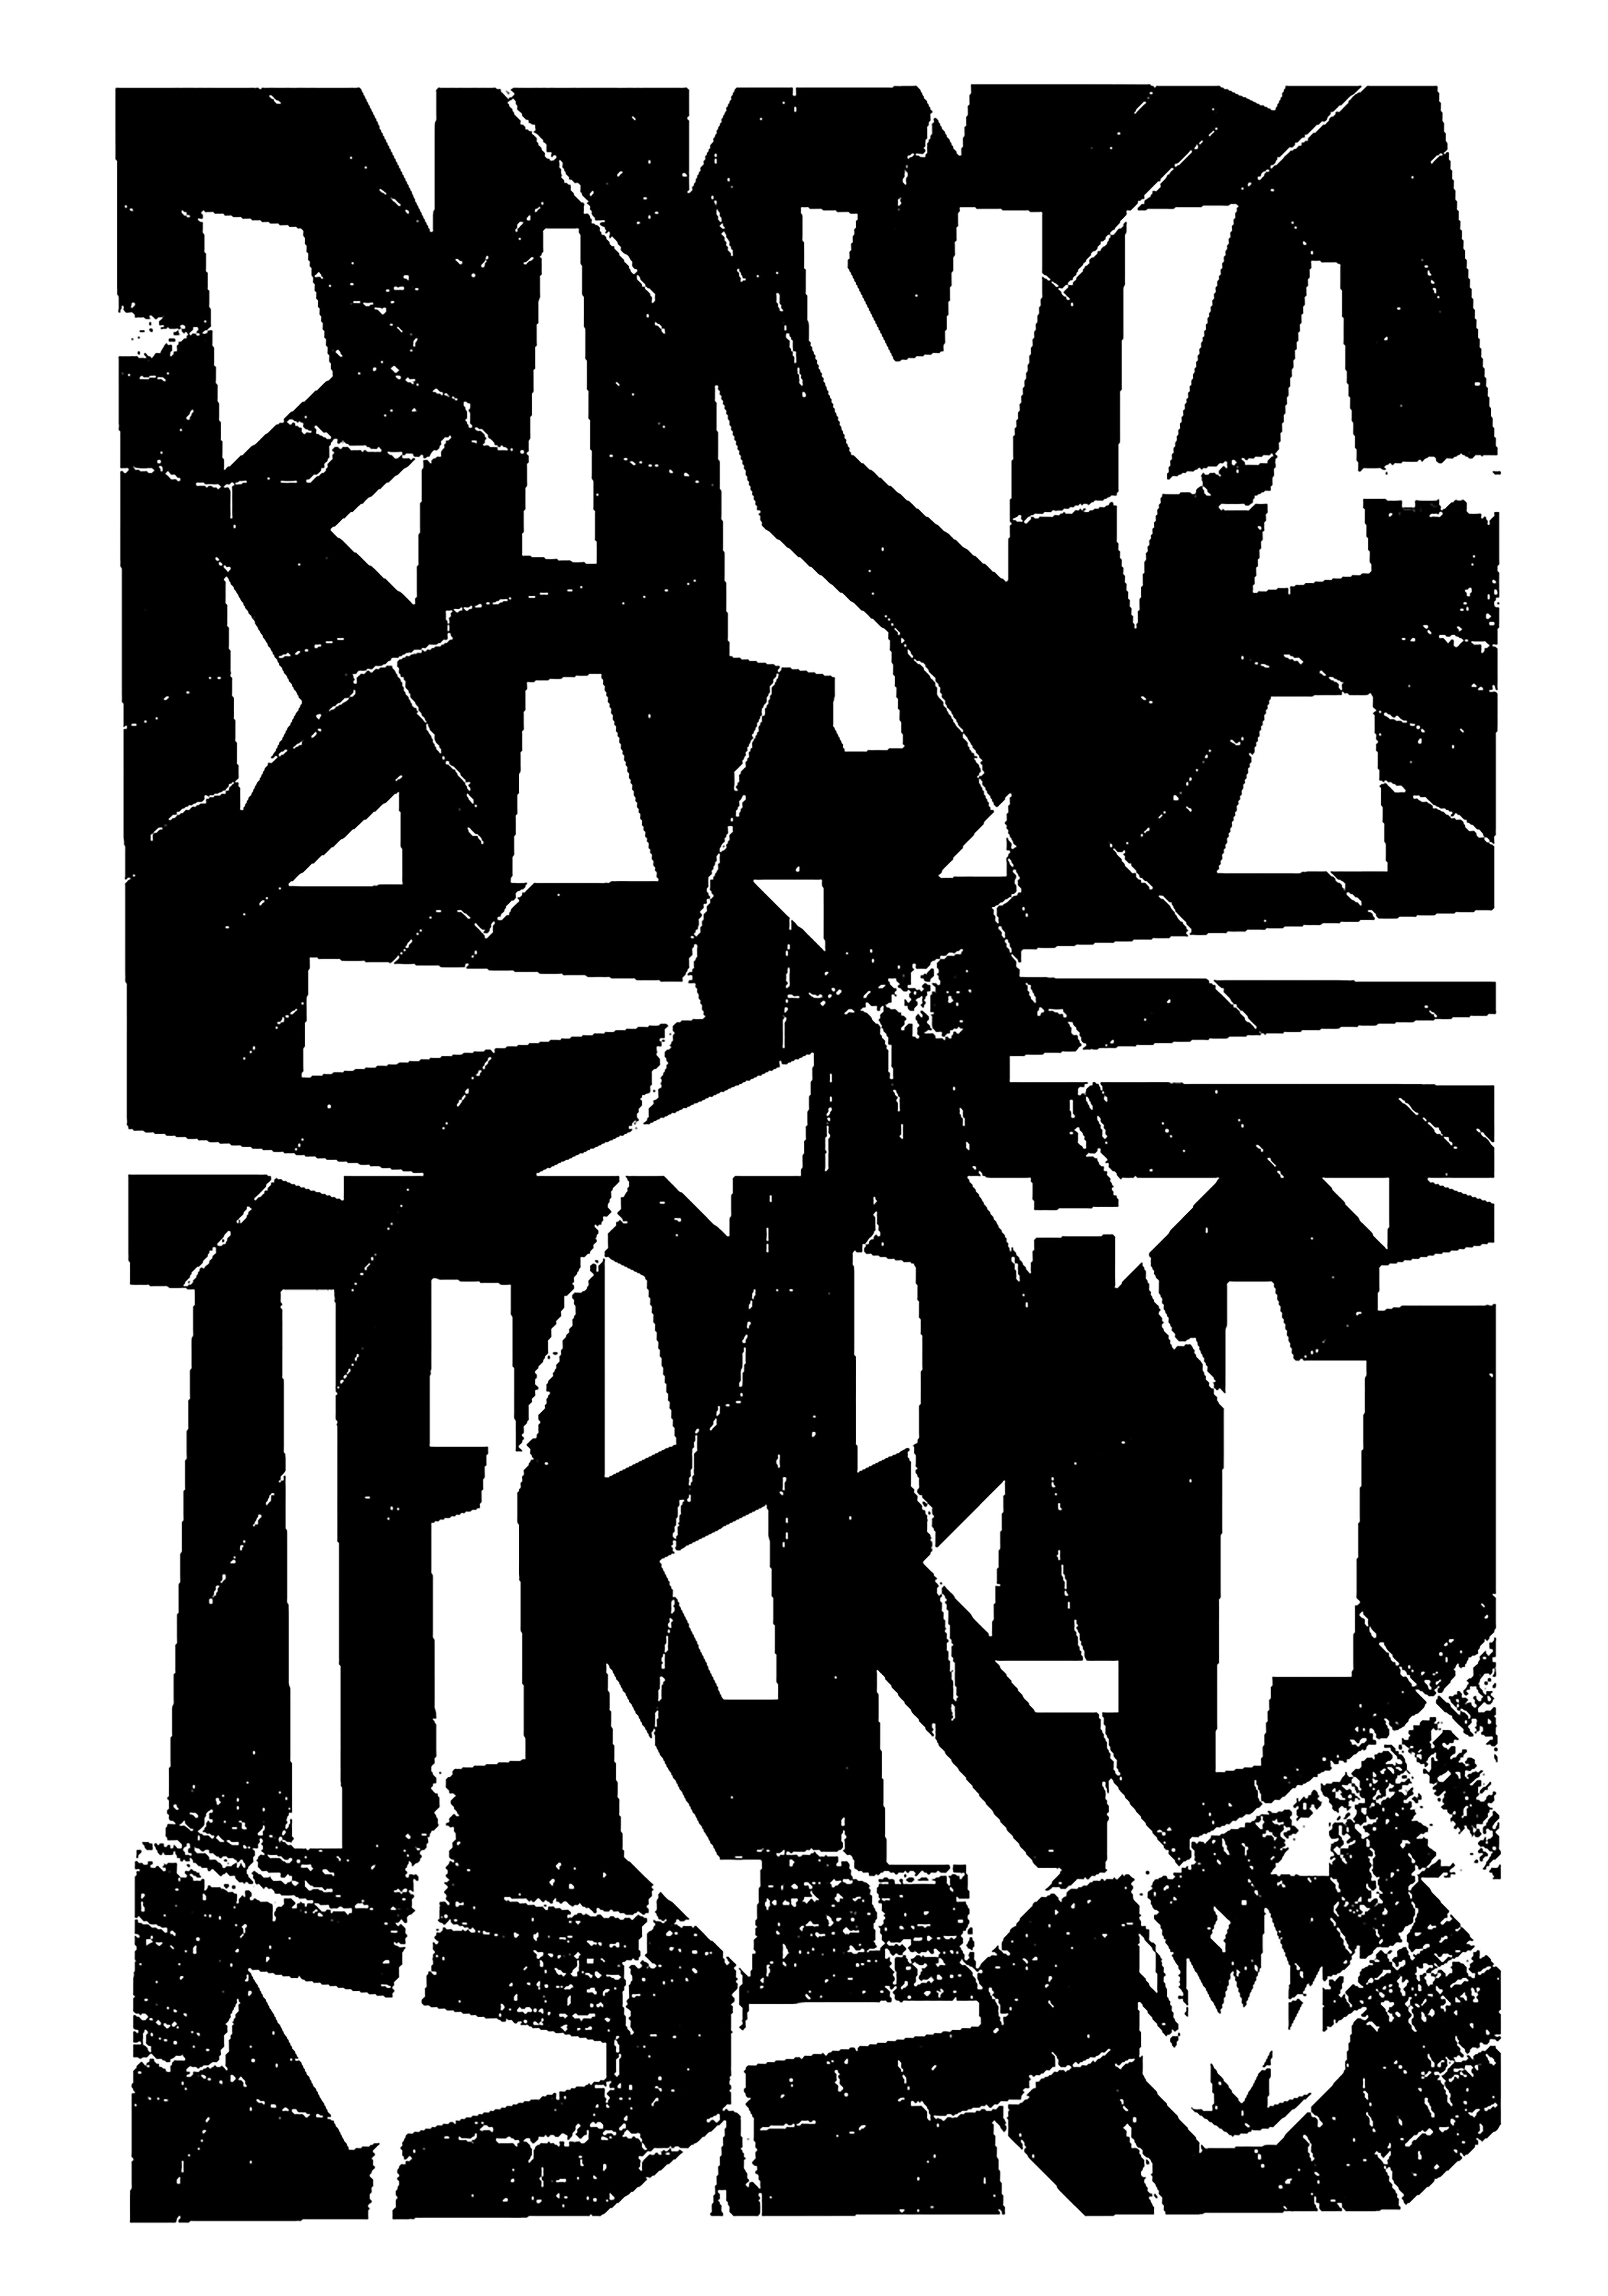 Copia de Bastadeterricidio - Nathaniel Bugnest